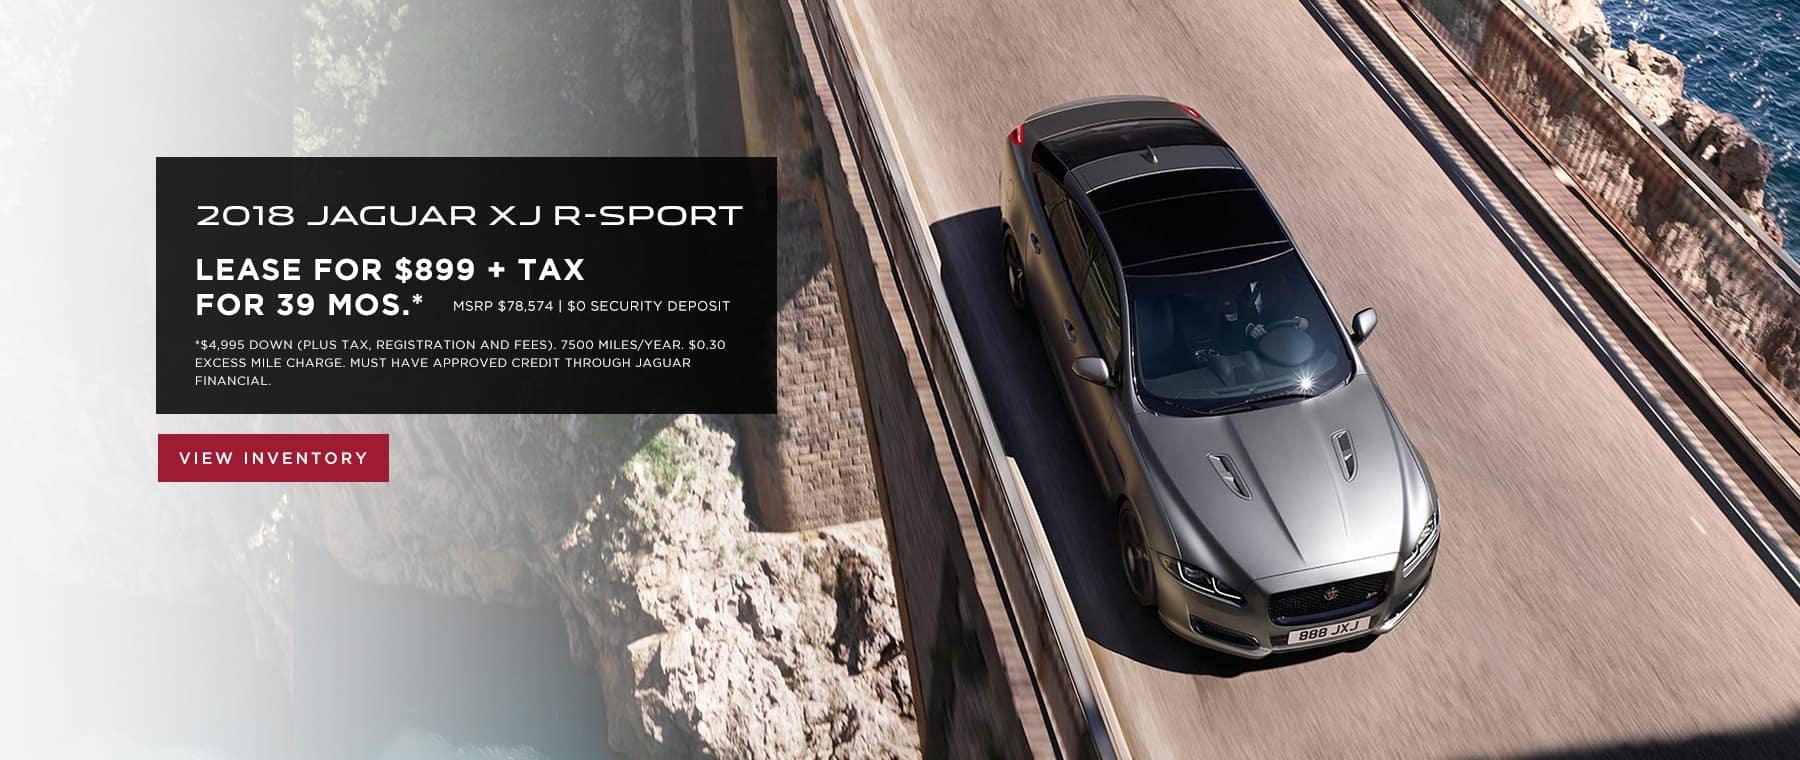 Jaguar XJ-R Sport